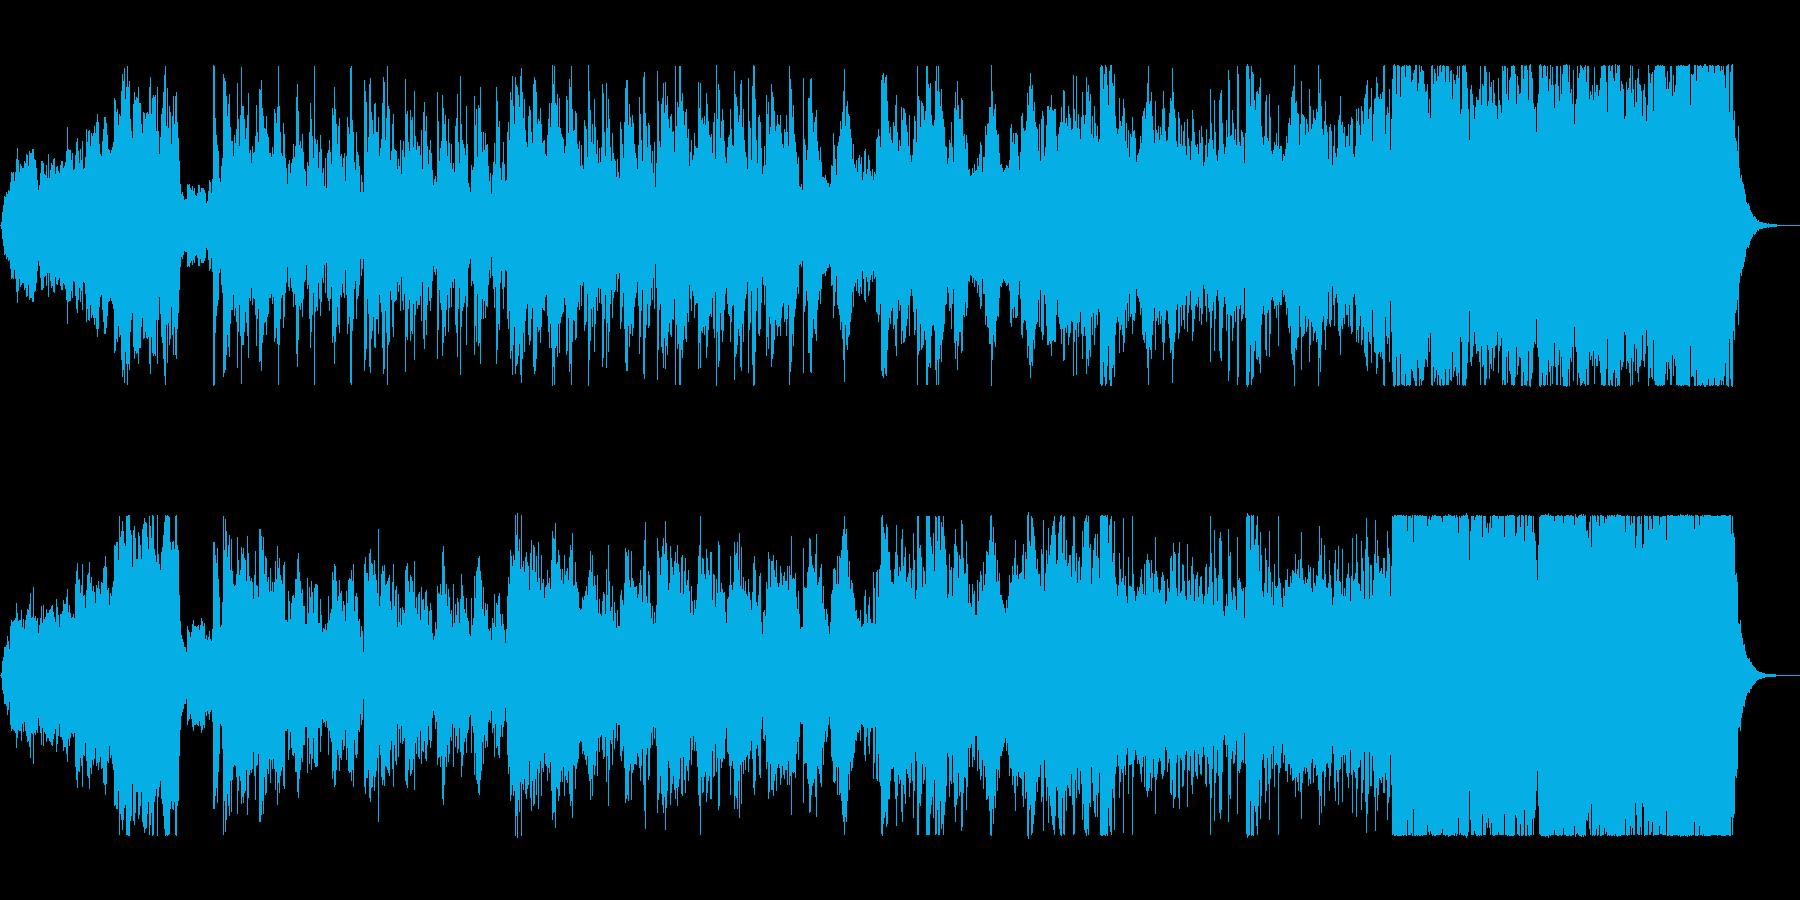 壮大で戦国時代を連想させる楽曲の再生済みの波形